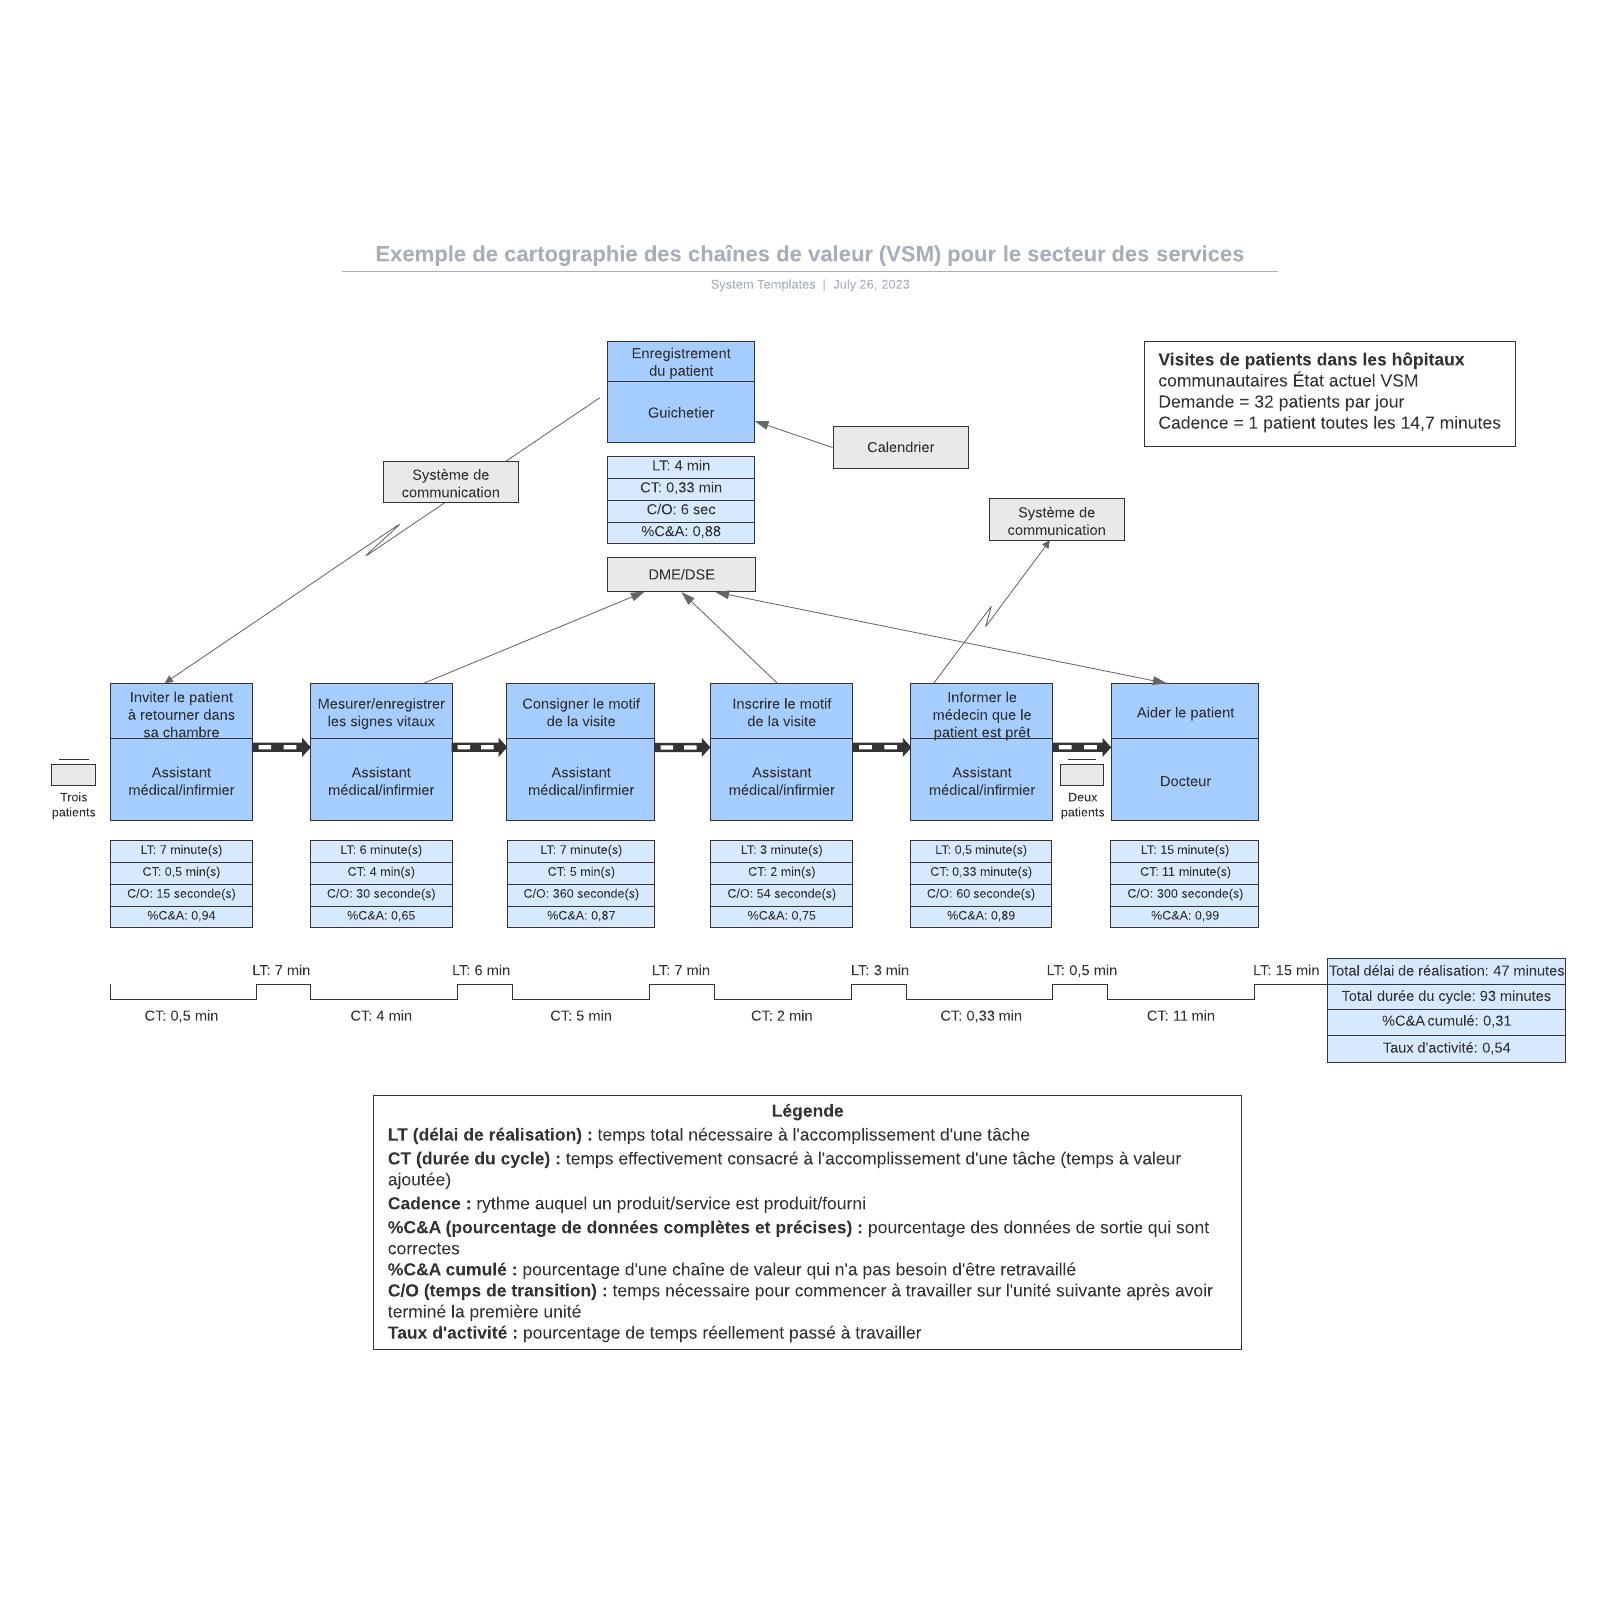 exemple de cartographie des chaînes de valeur (VSM) pour le secteur des services